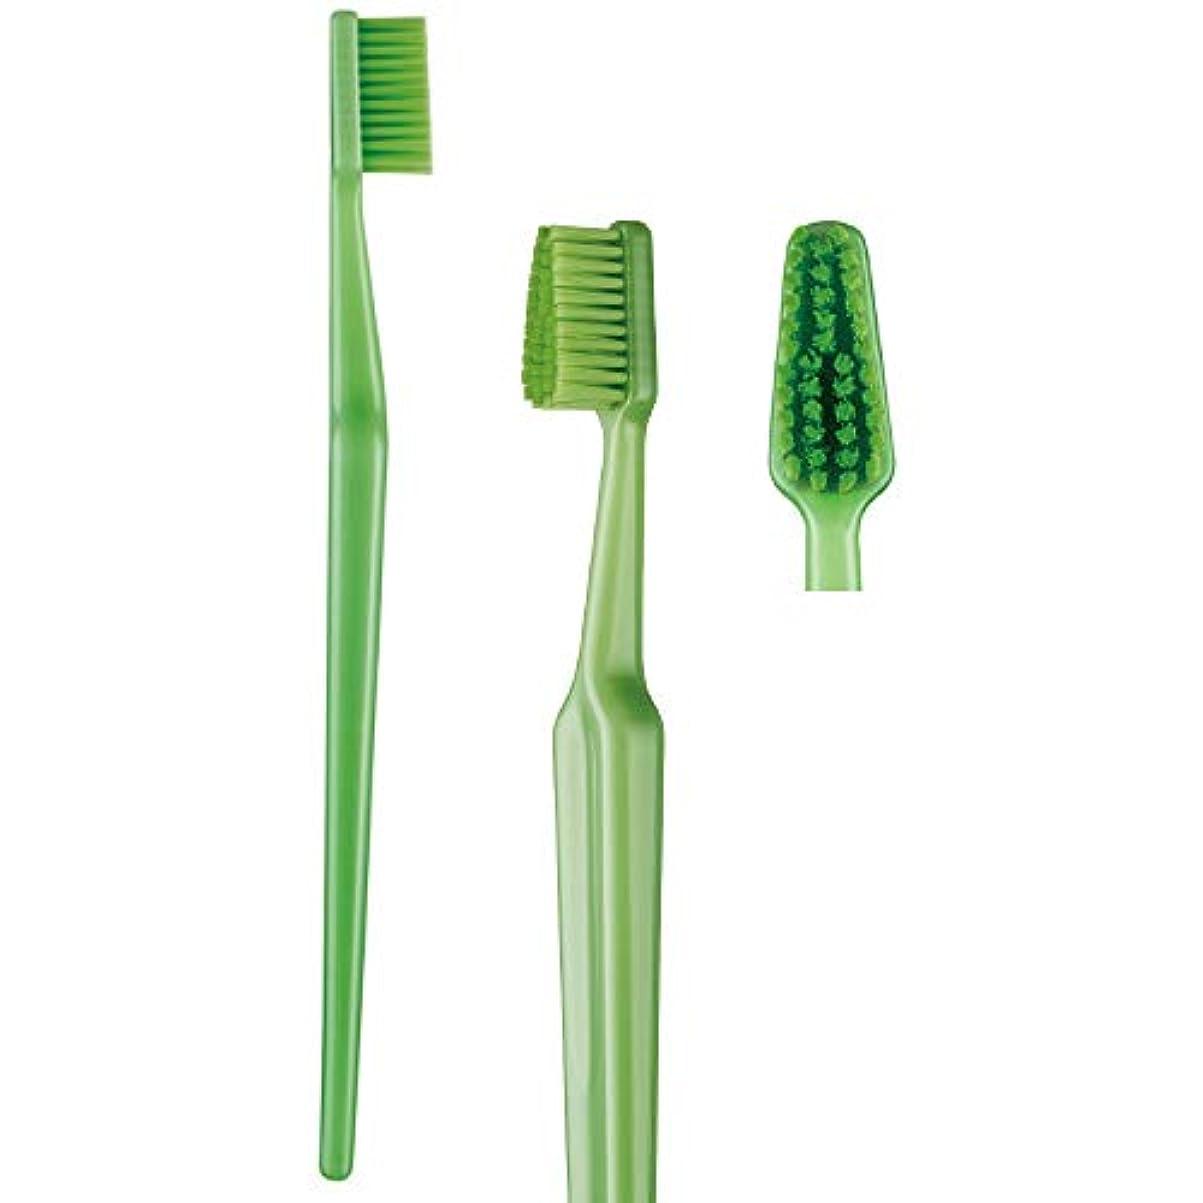 溶岩ジョットディボンドン歯科専売品 大人用歯ブラシ TePe GOOD (グッド) レギュラー ソフト(やわらかめ) ヘッド大 1本